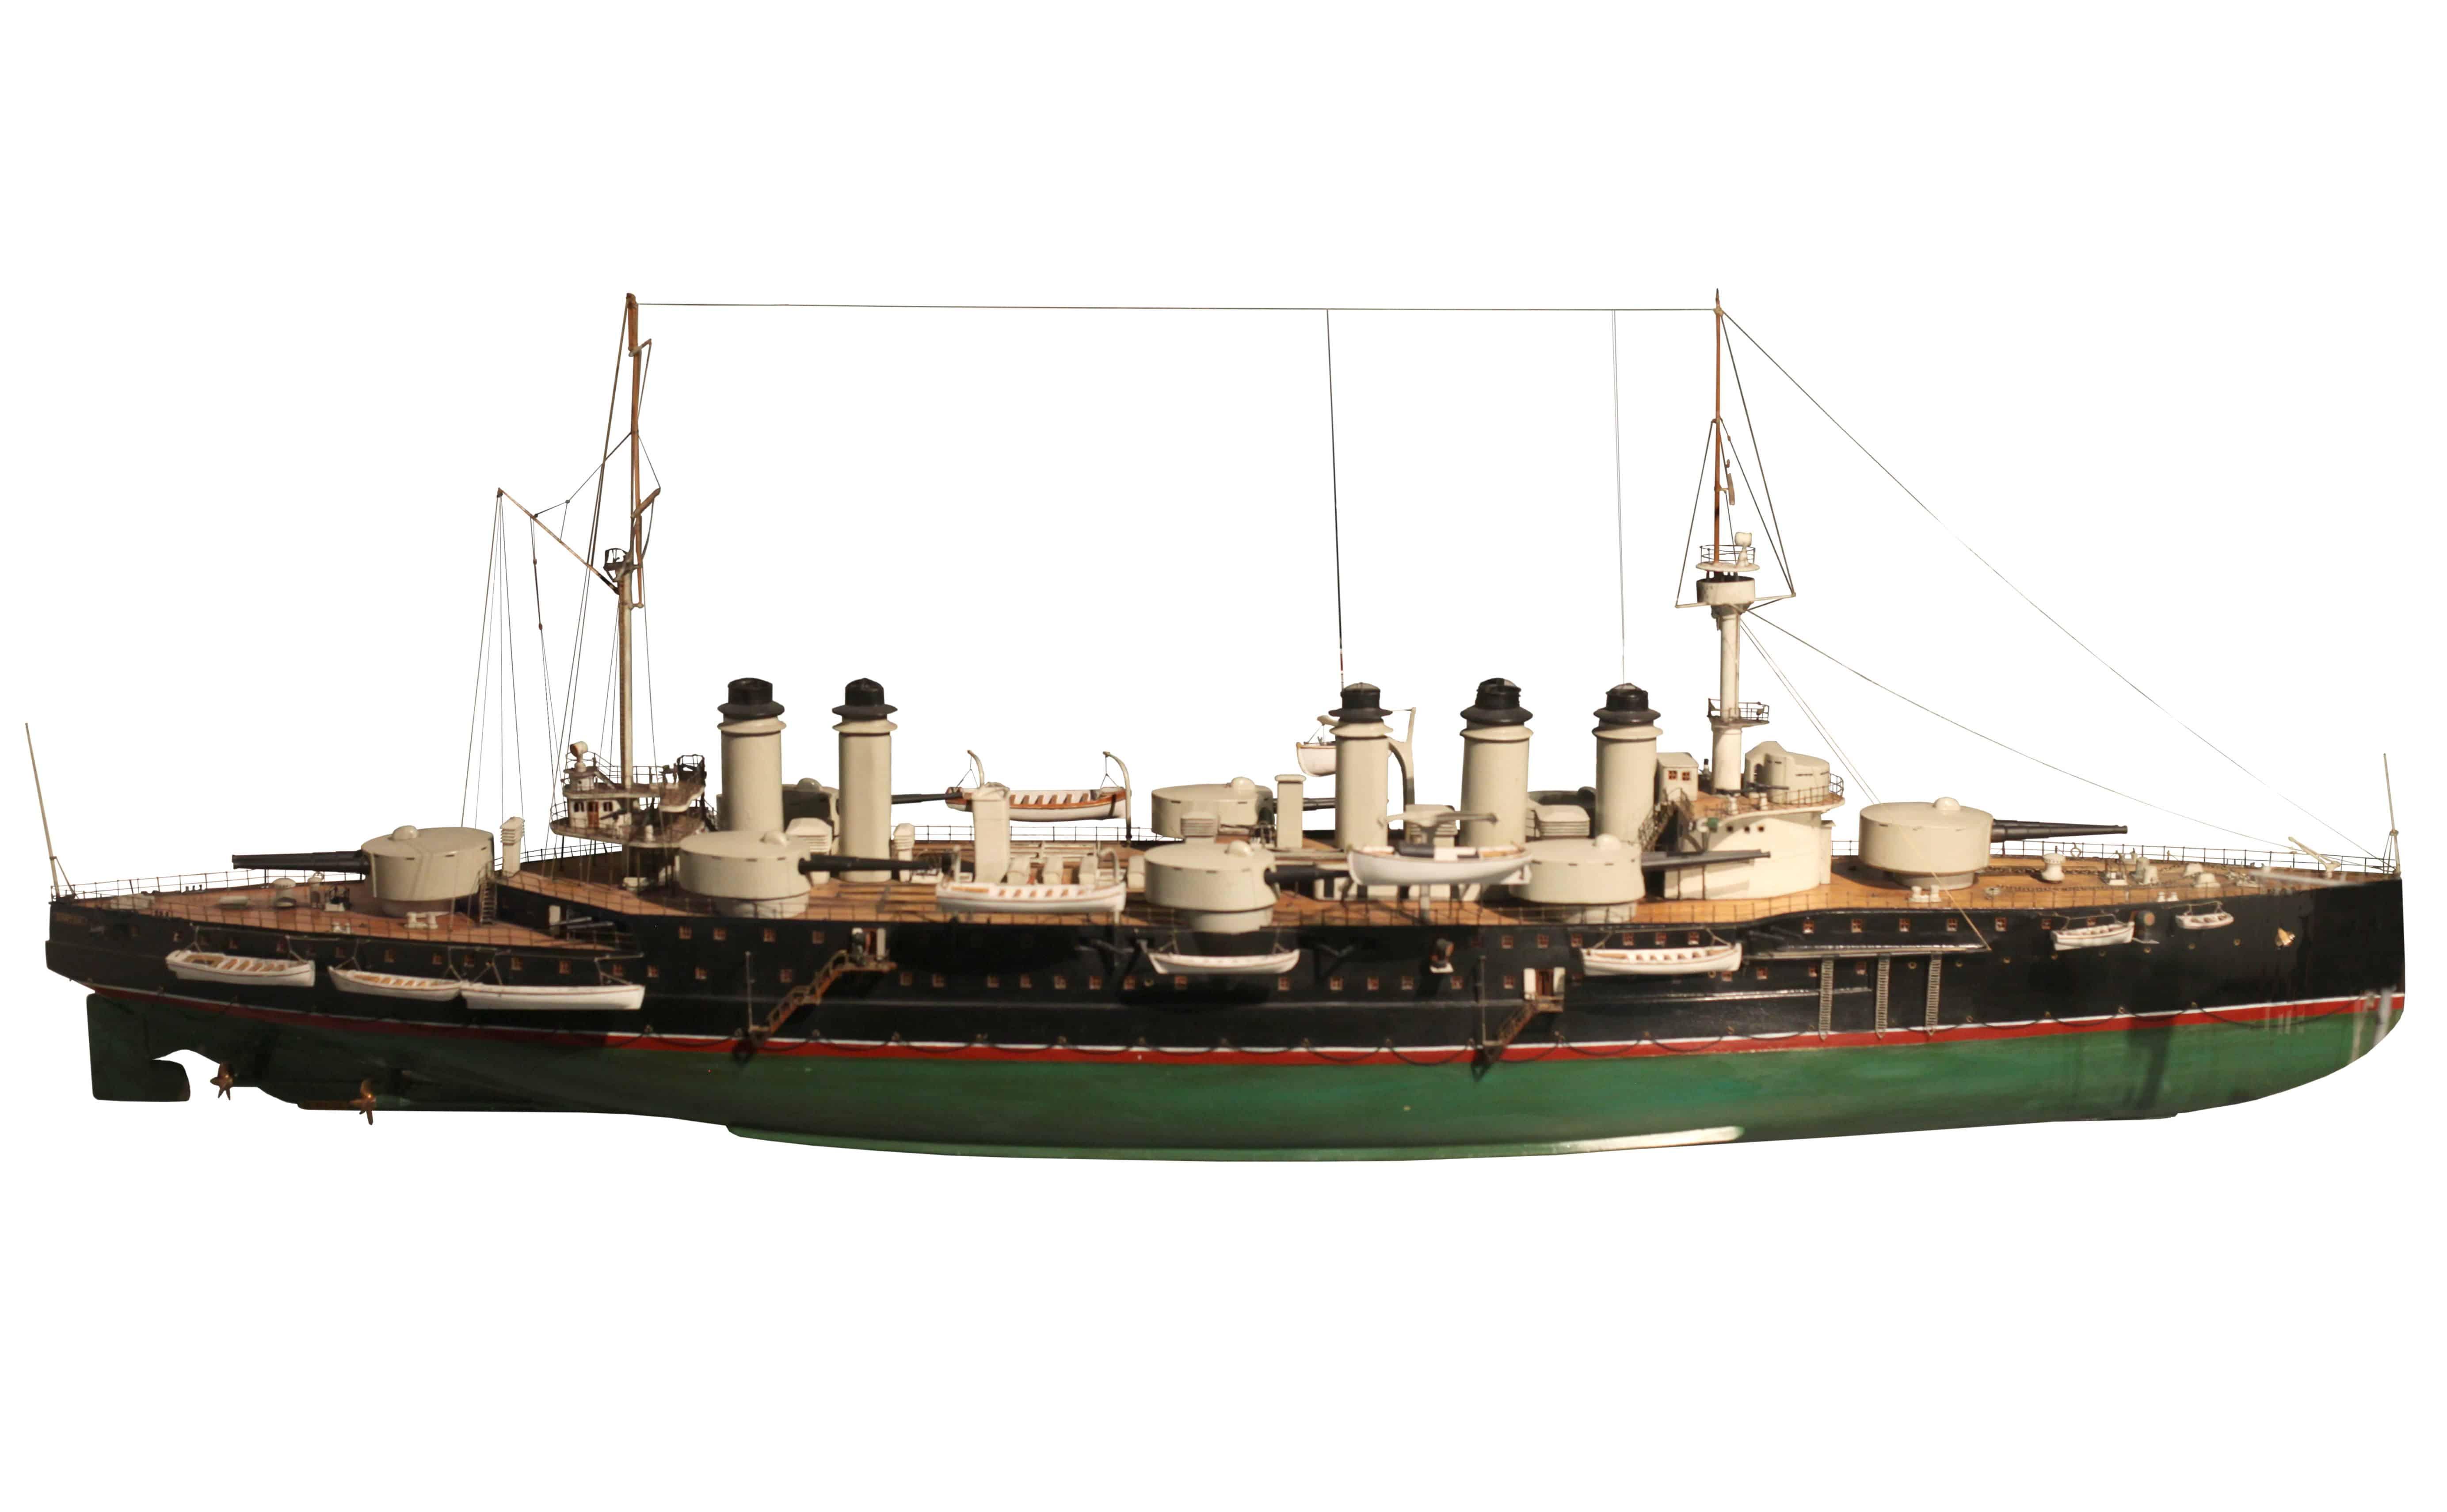 Model - Musee de la marine